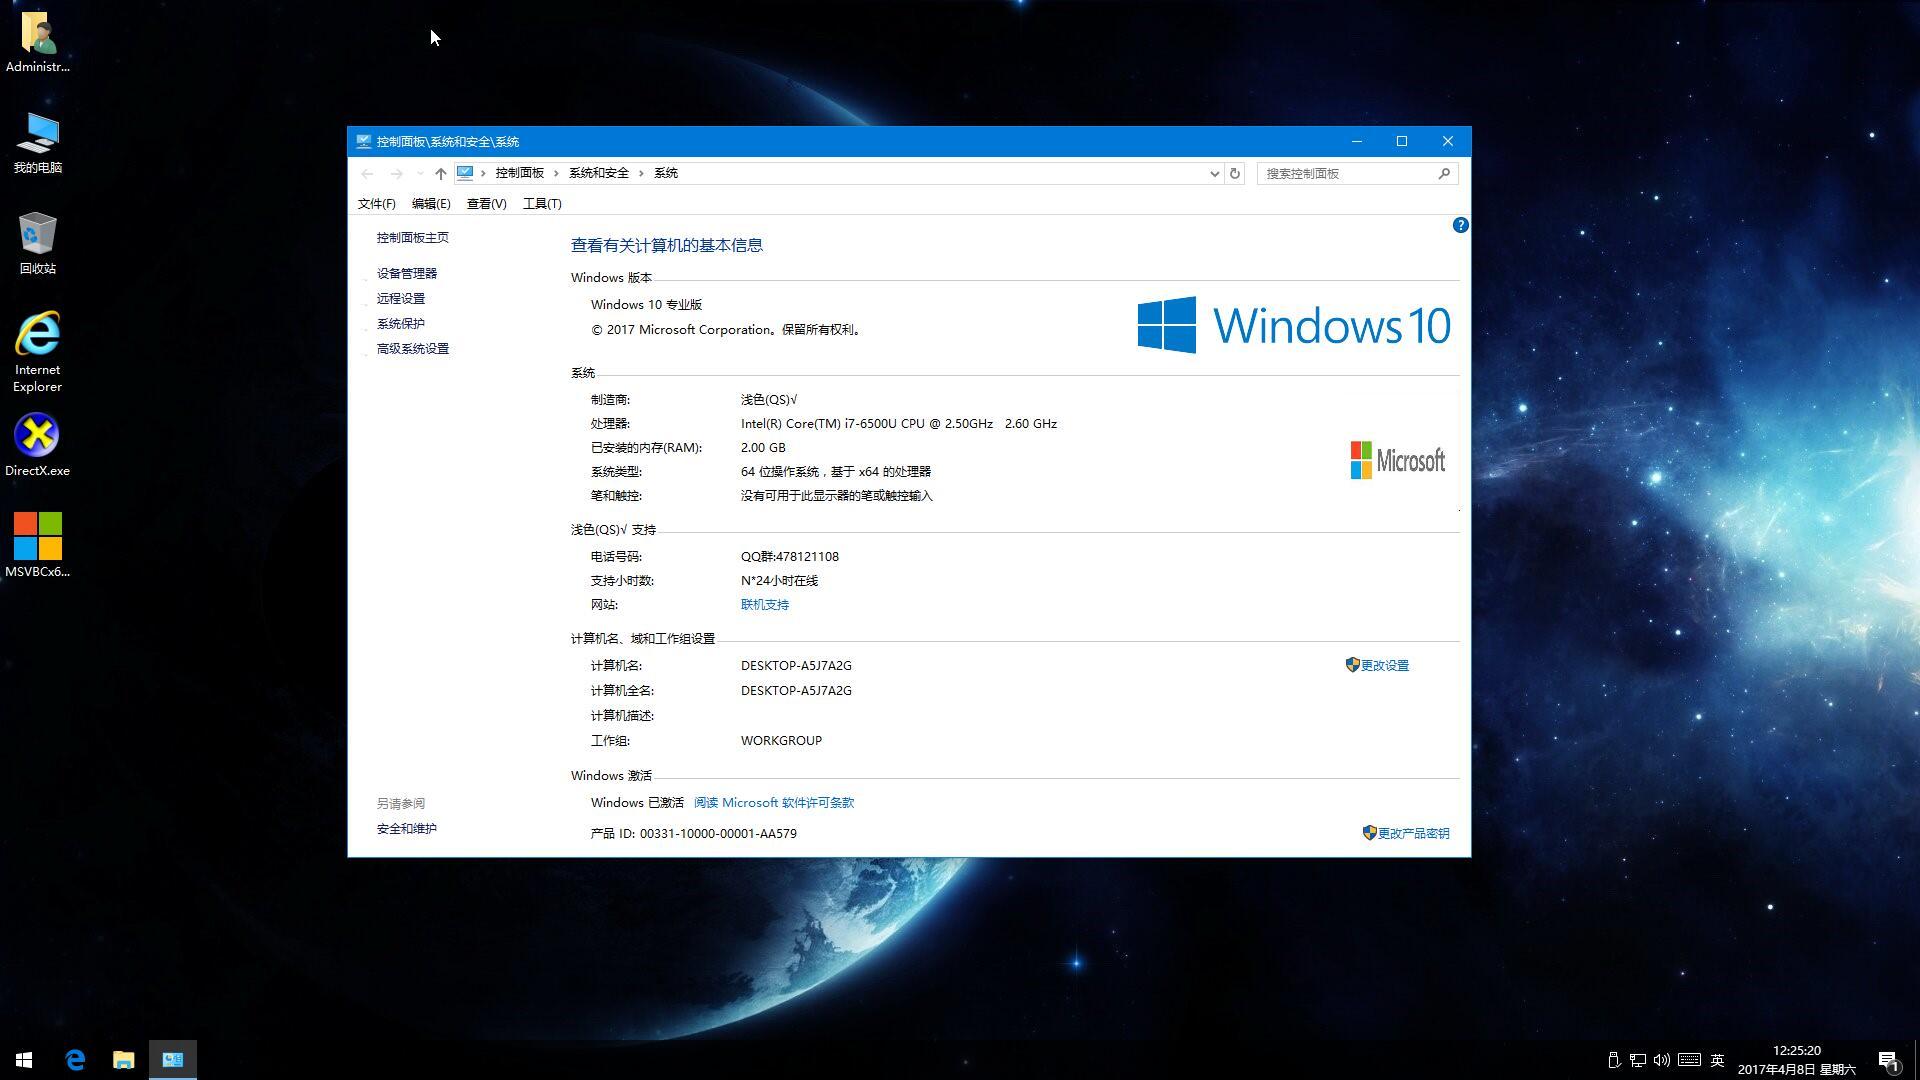 【浅色】终于等到你!RS2创造者更新正式版来袭!Win10 Pro x64 15063.14 优化版